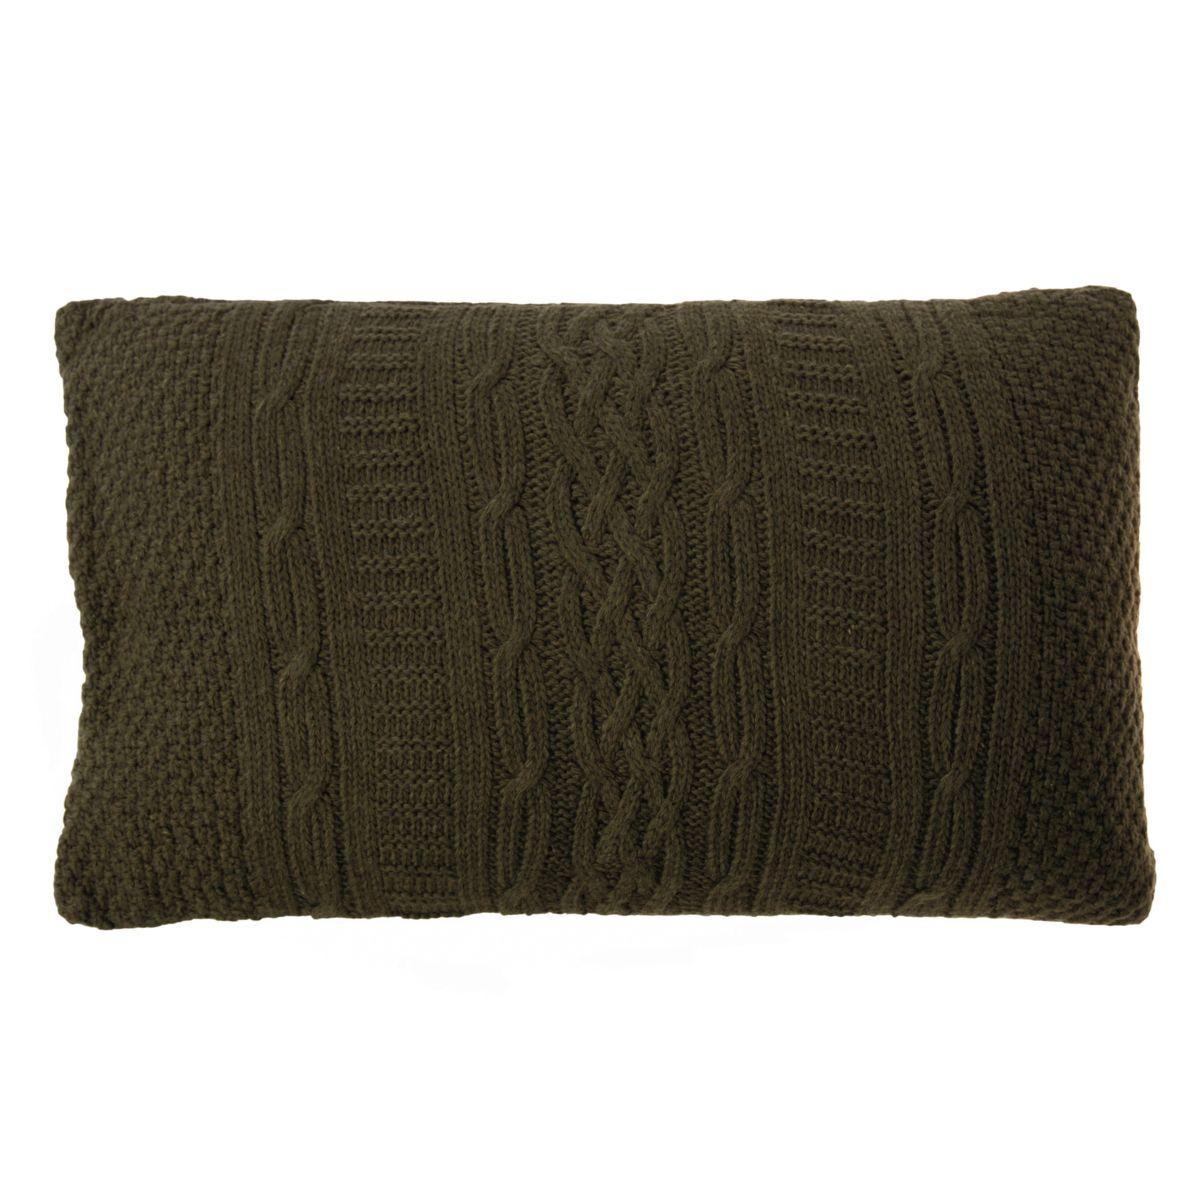 Housse de coussin verte en laine 50 x 30 cm